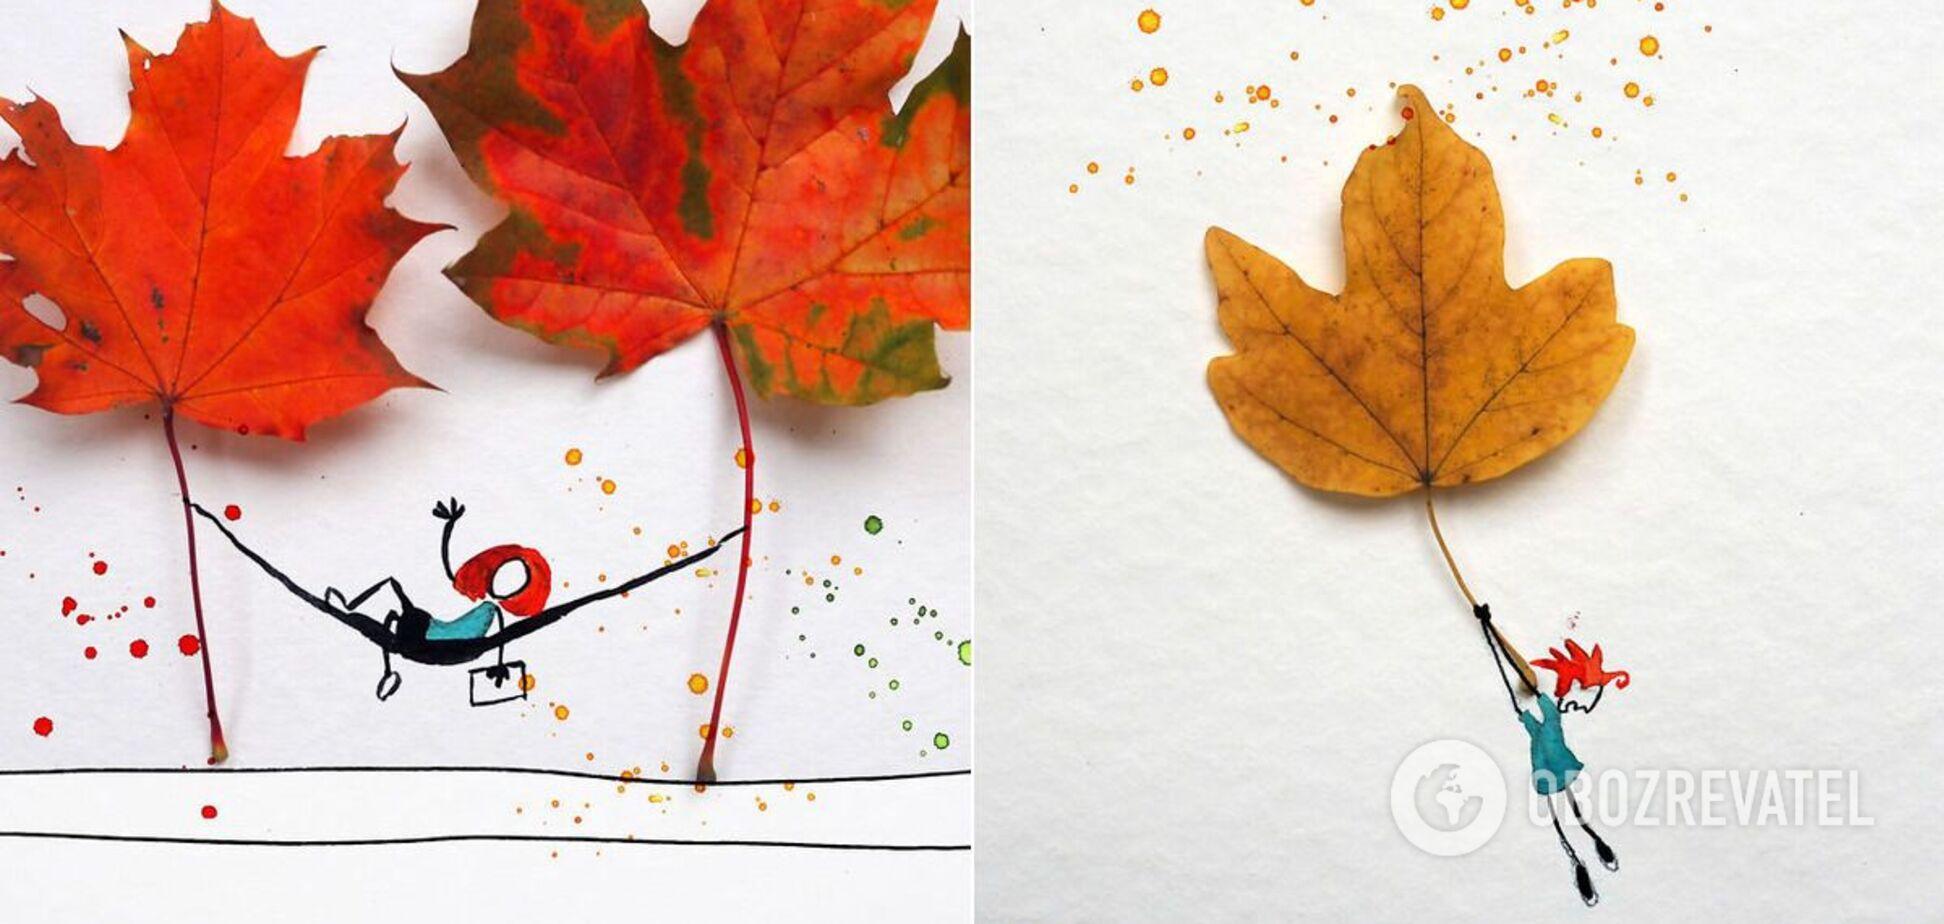 Аллен Шоу використовує акварельні фарби і листя дерев